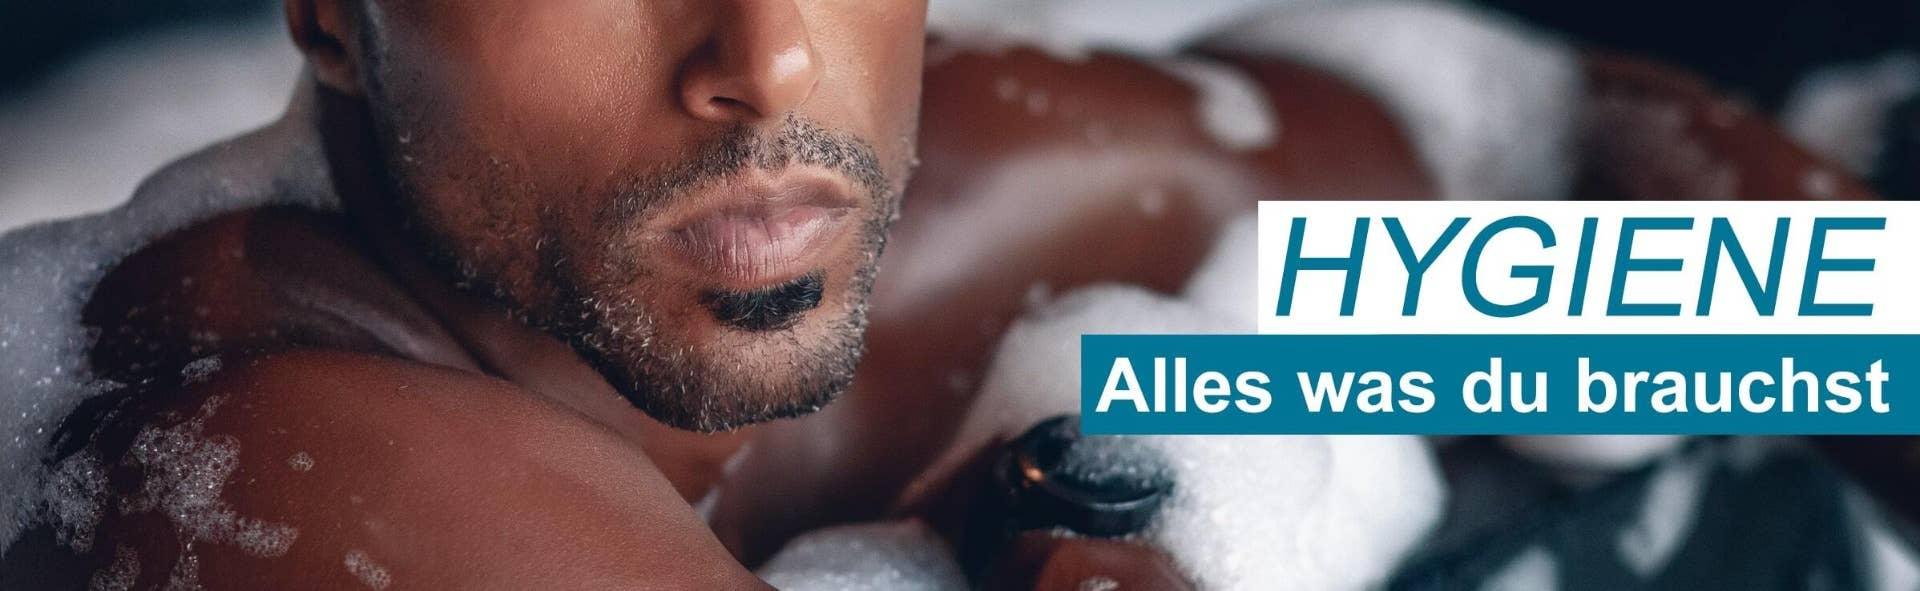 Kategorie Drogerie - Hygiene - alles was du brauchst für Sex